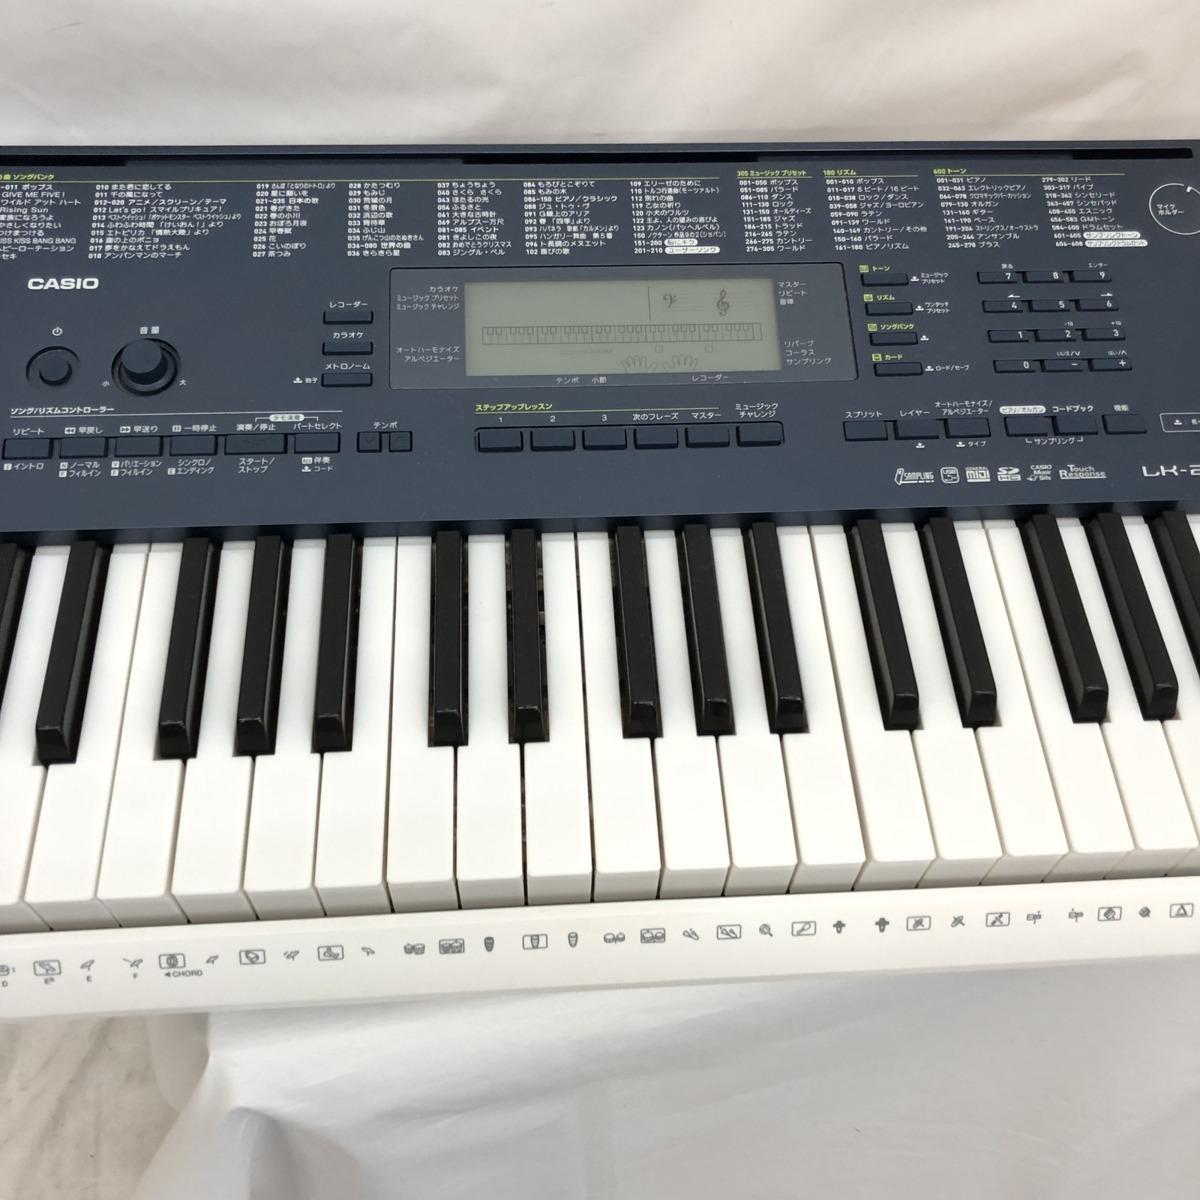 中古 CASIO カシオ 電子キーボード LK-215 光ナビゲーション タッチレスポンス 61鍵盤 ホワイト ネイビー 鍵盤楽器 電子ピアノ H15254_画像4